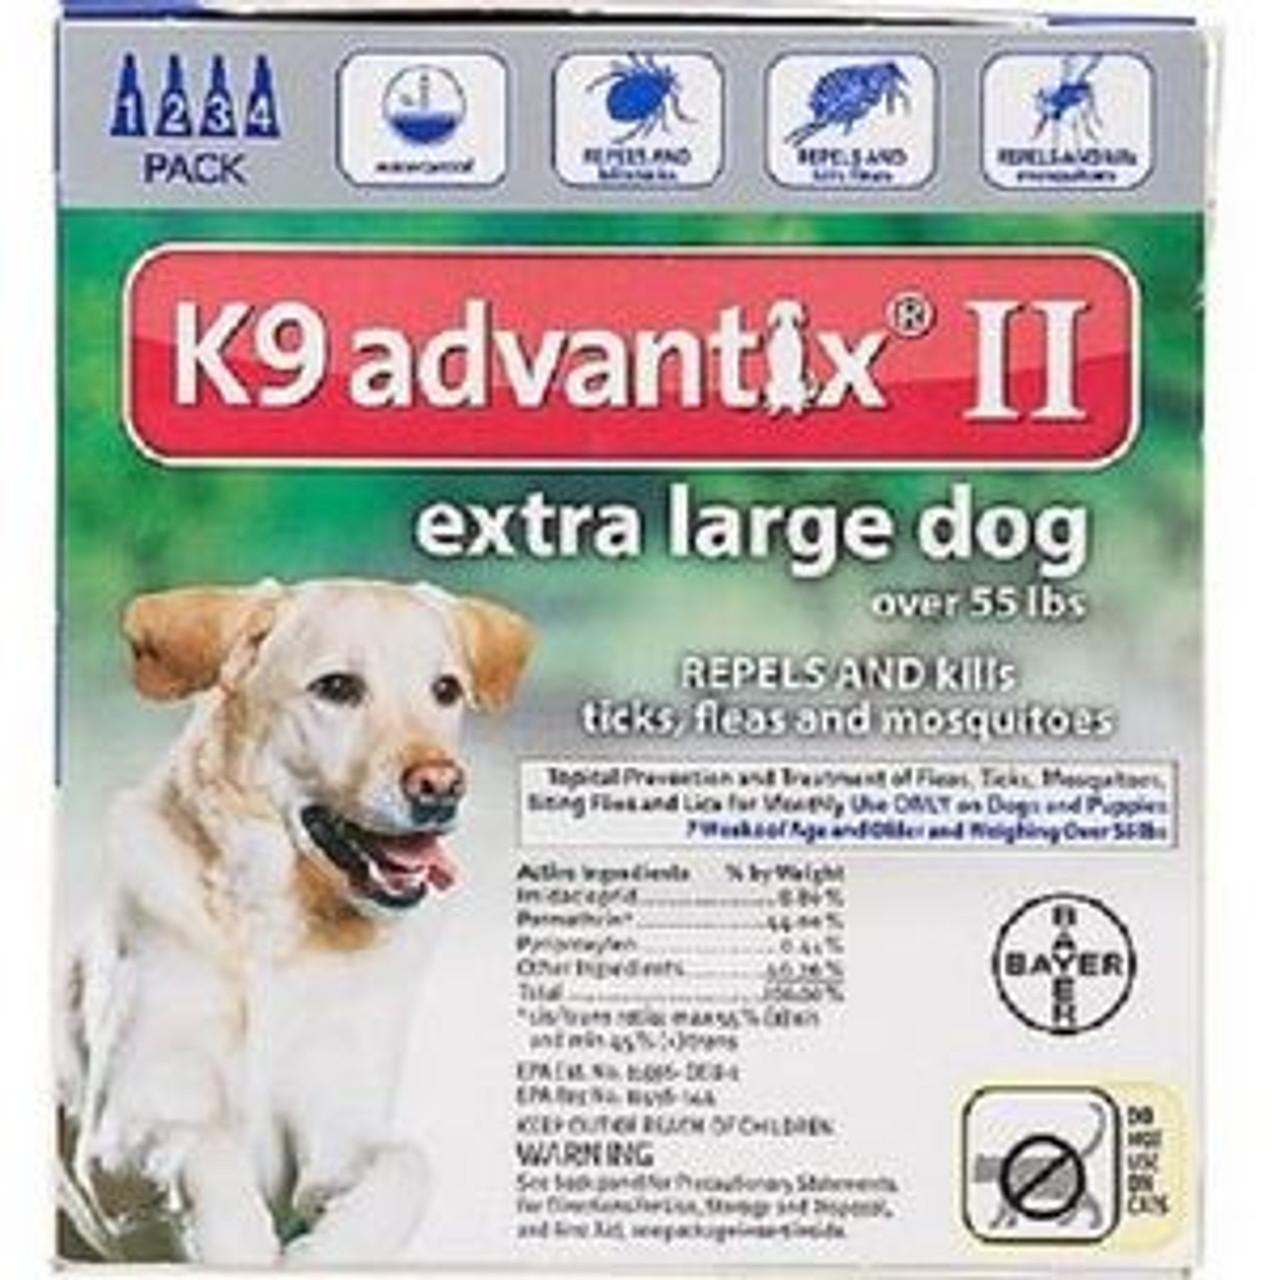 K9 Advantix II Extra Large Dog Flea Tick Treatment